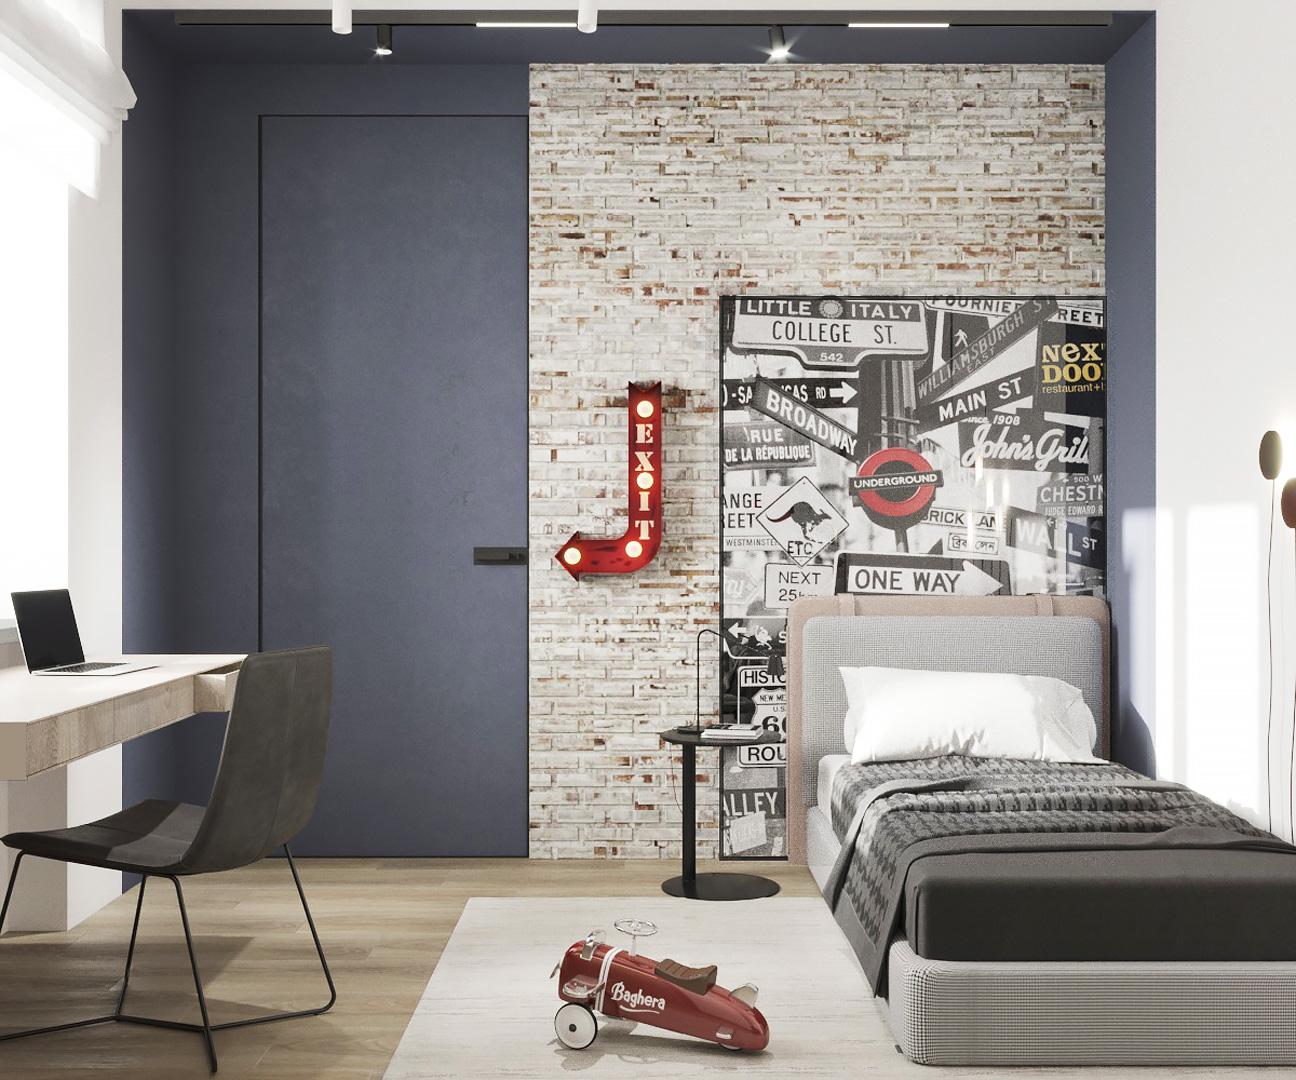 Дизайн интерьеров квартиры в современном стиле скандинавский минимализм